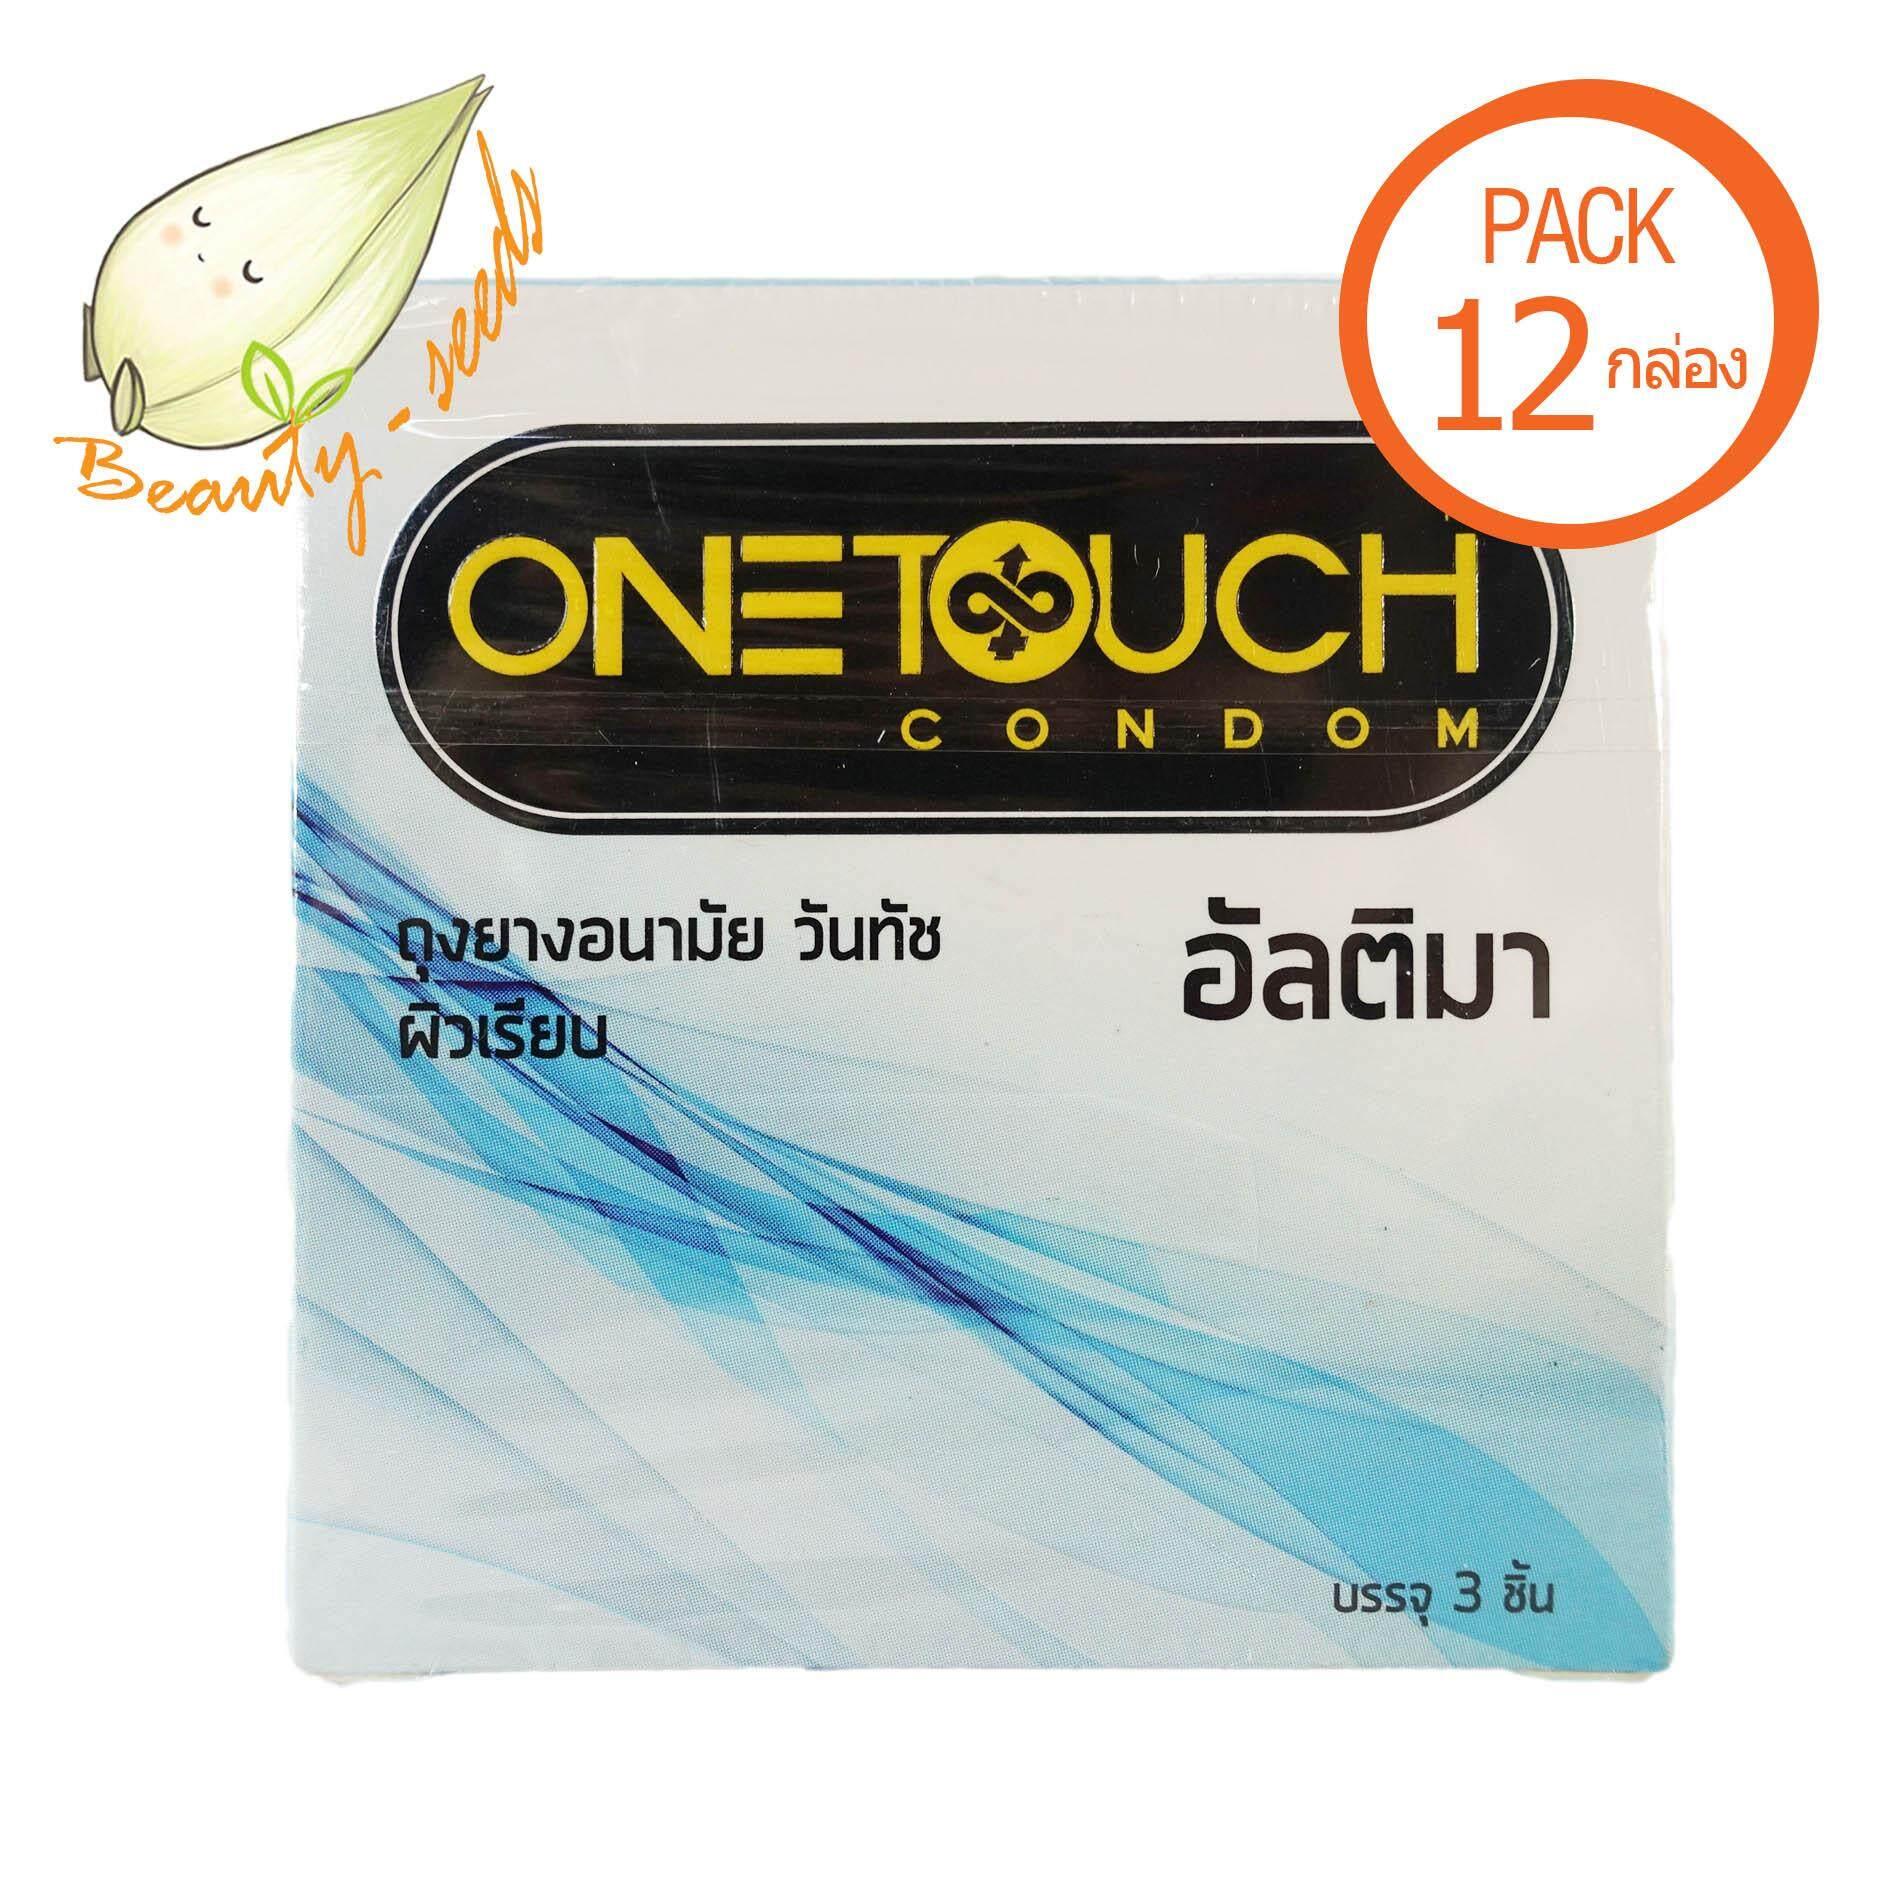 โปรโมชั่น ถุงยางอนามัย Onetouch Condom 12 Box อัลติม่า Ultima